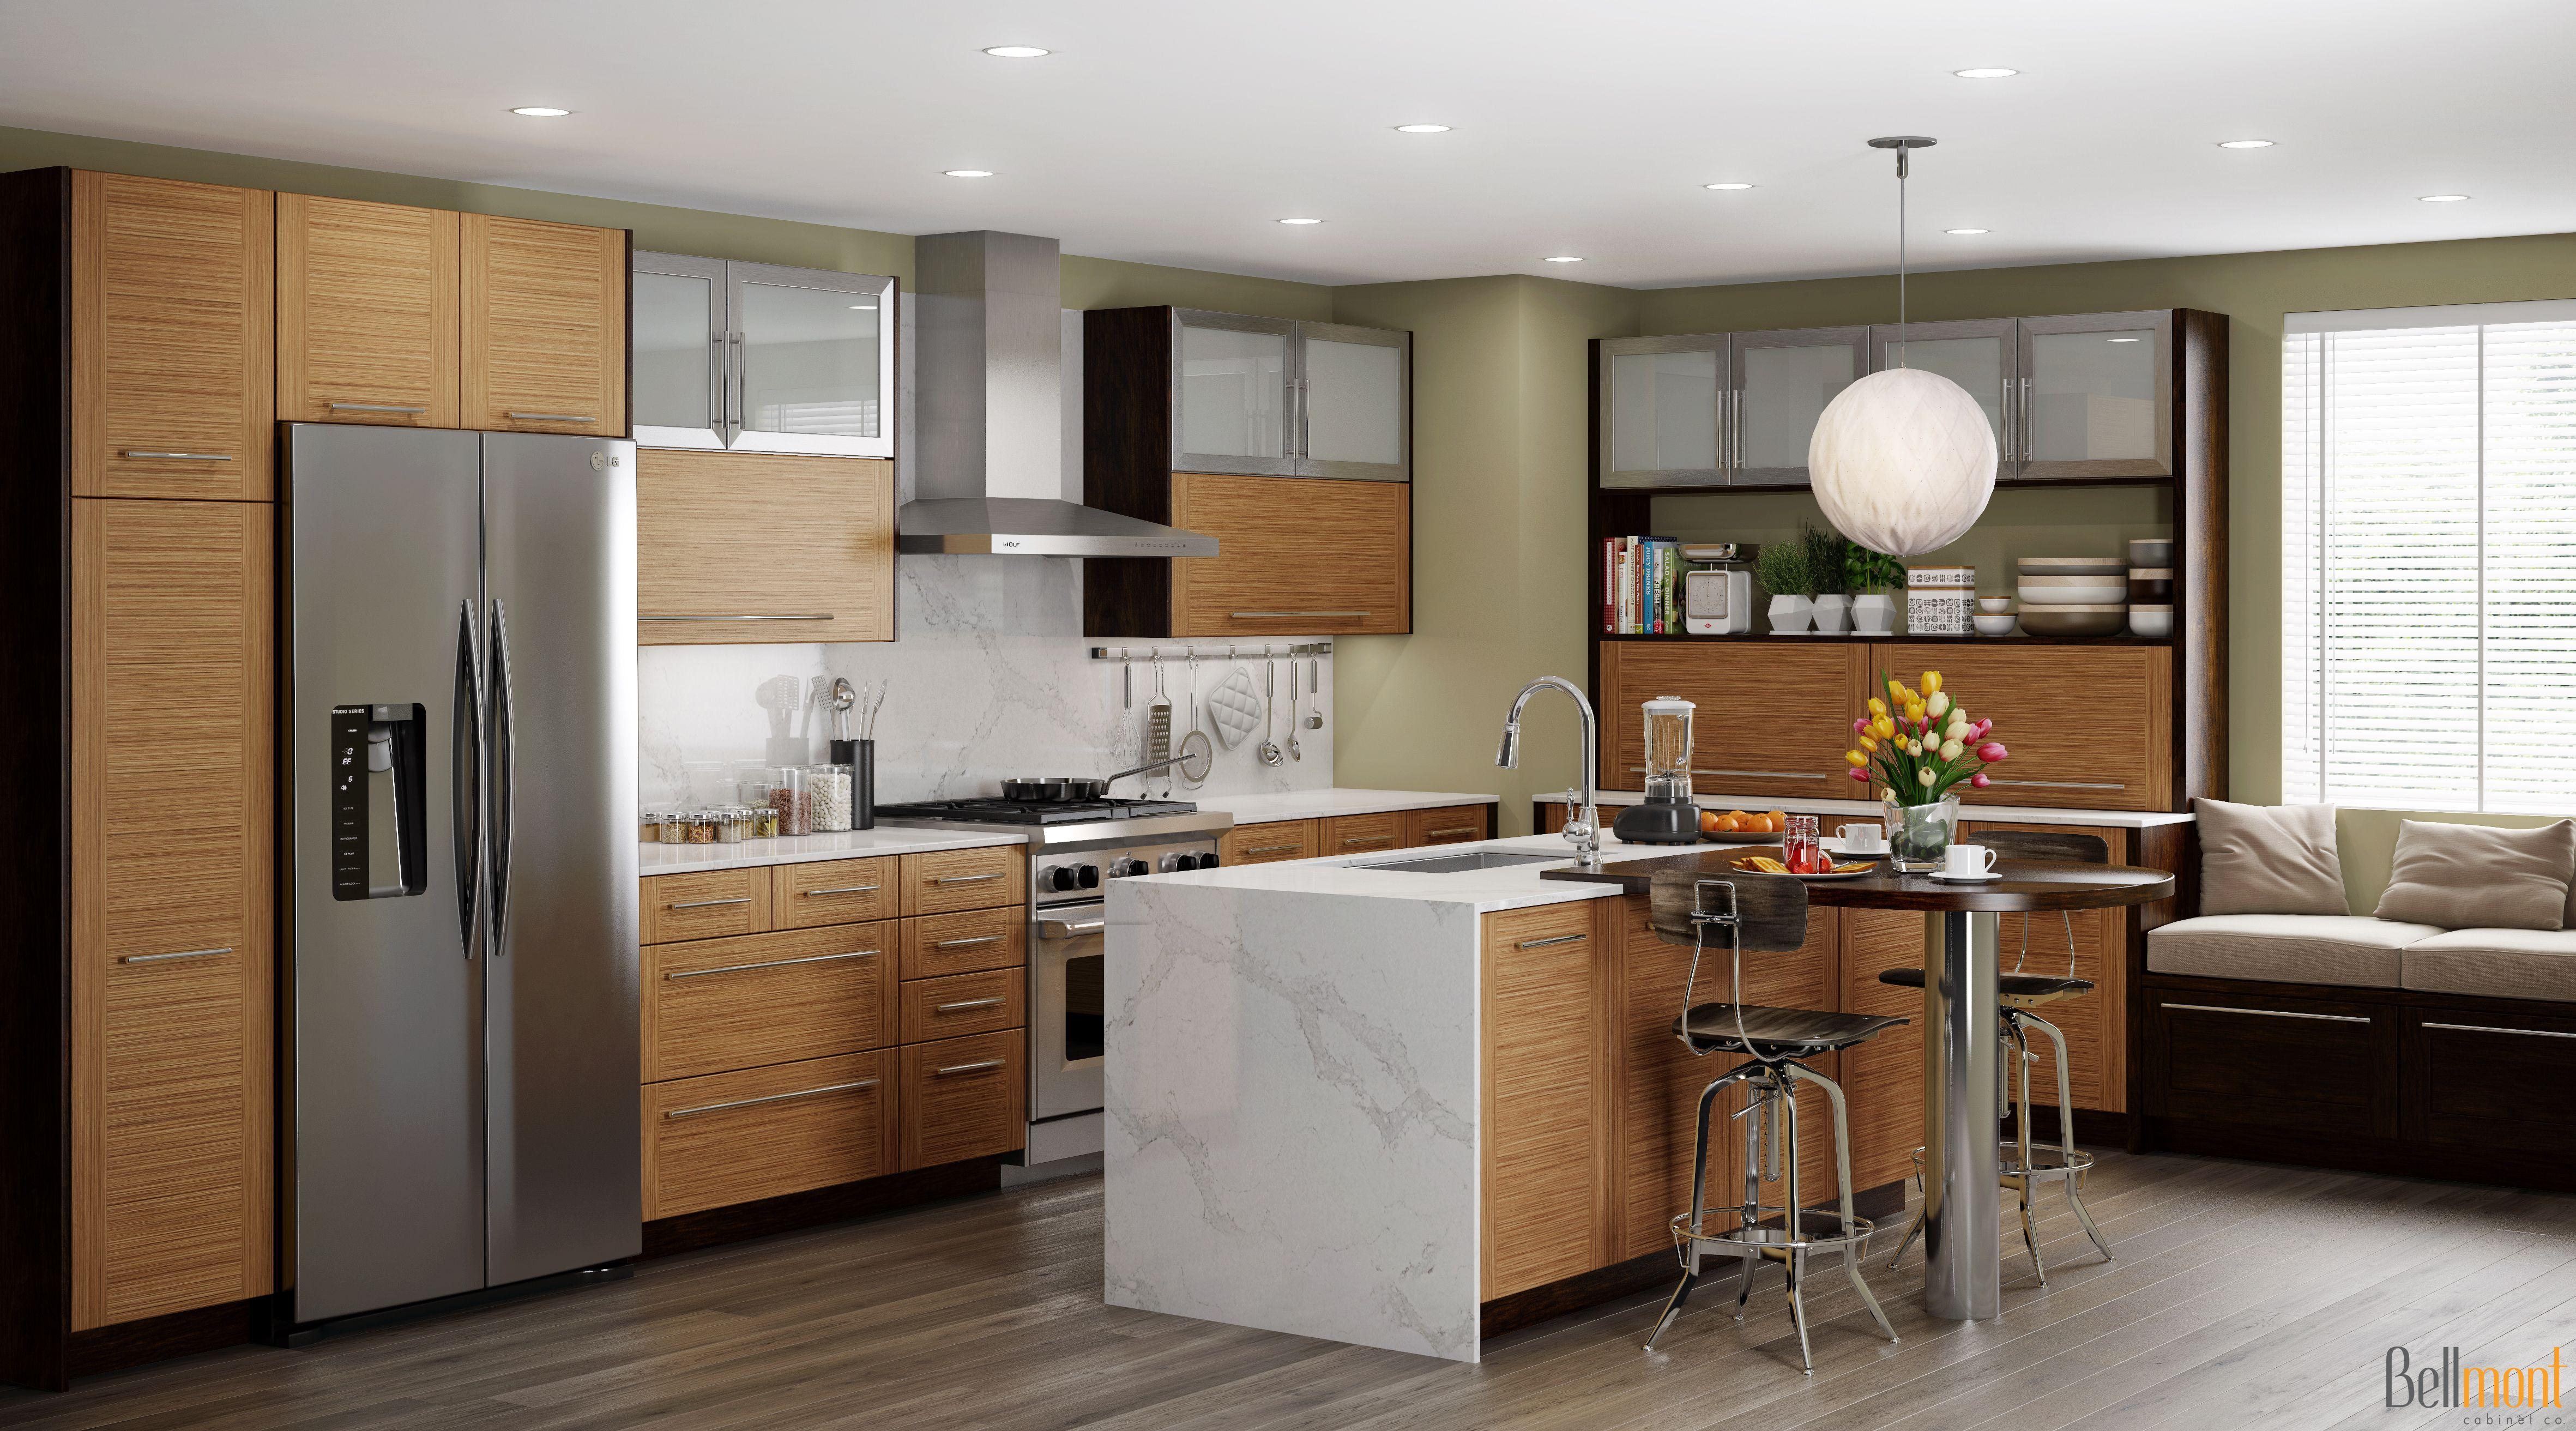 Nova Field Cherry Java Kitchen Gallery Contemporary Kitchen Modern Kitchen